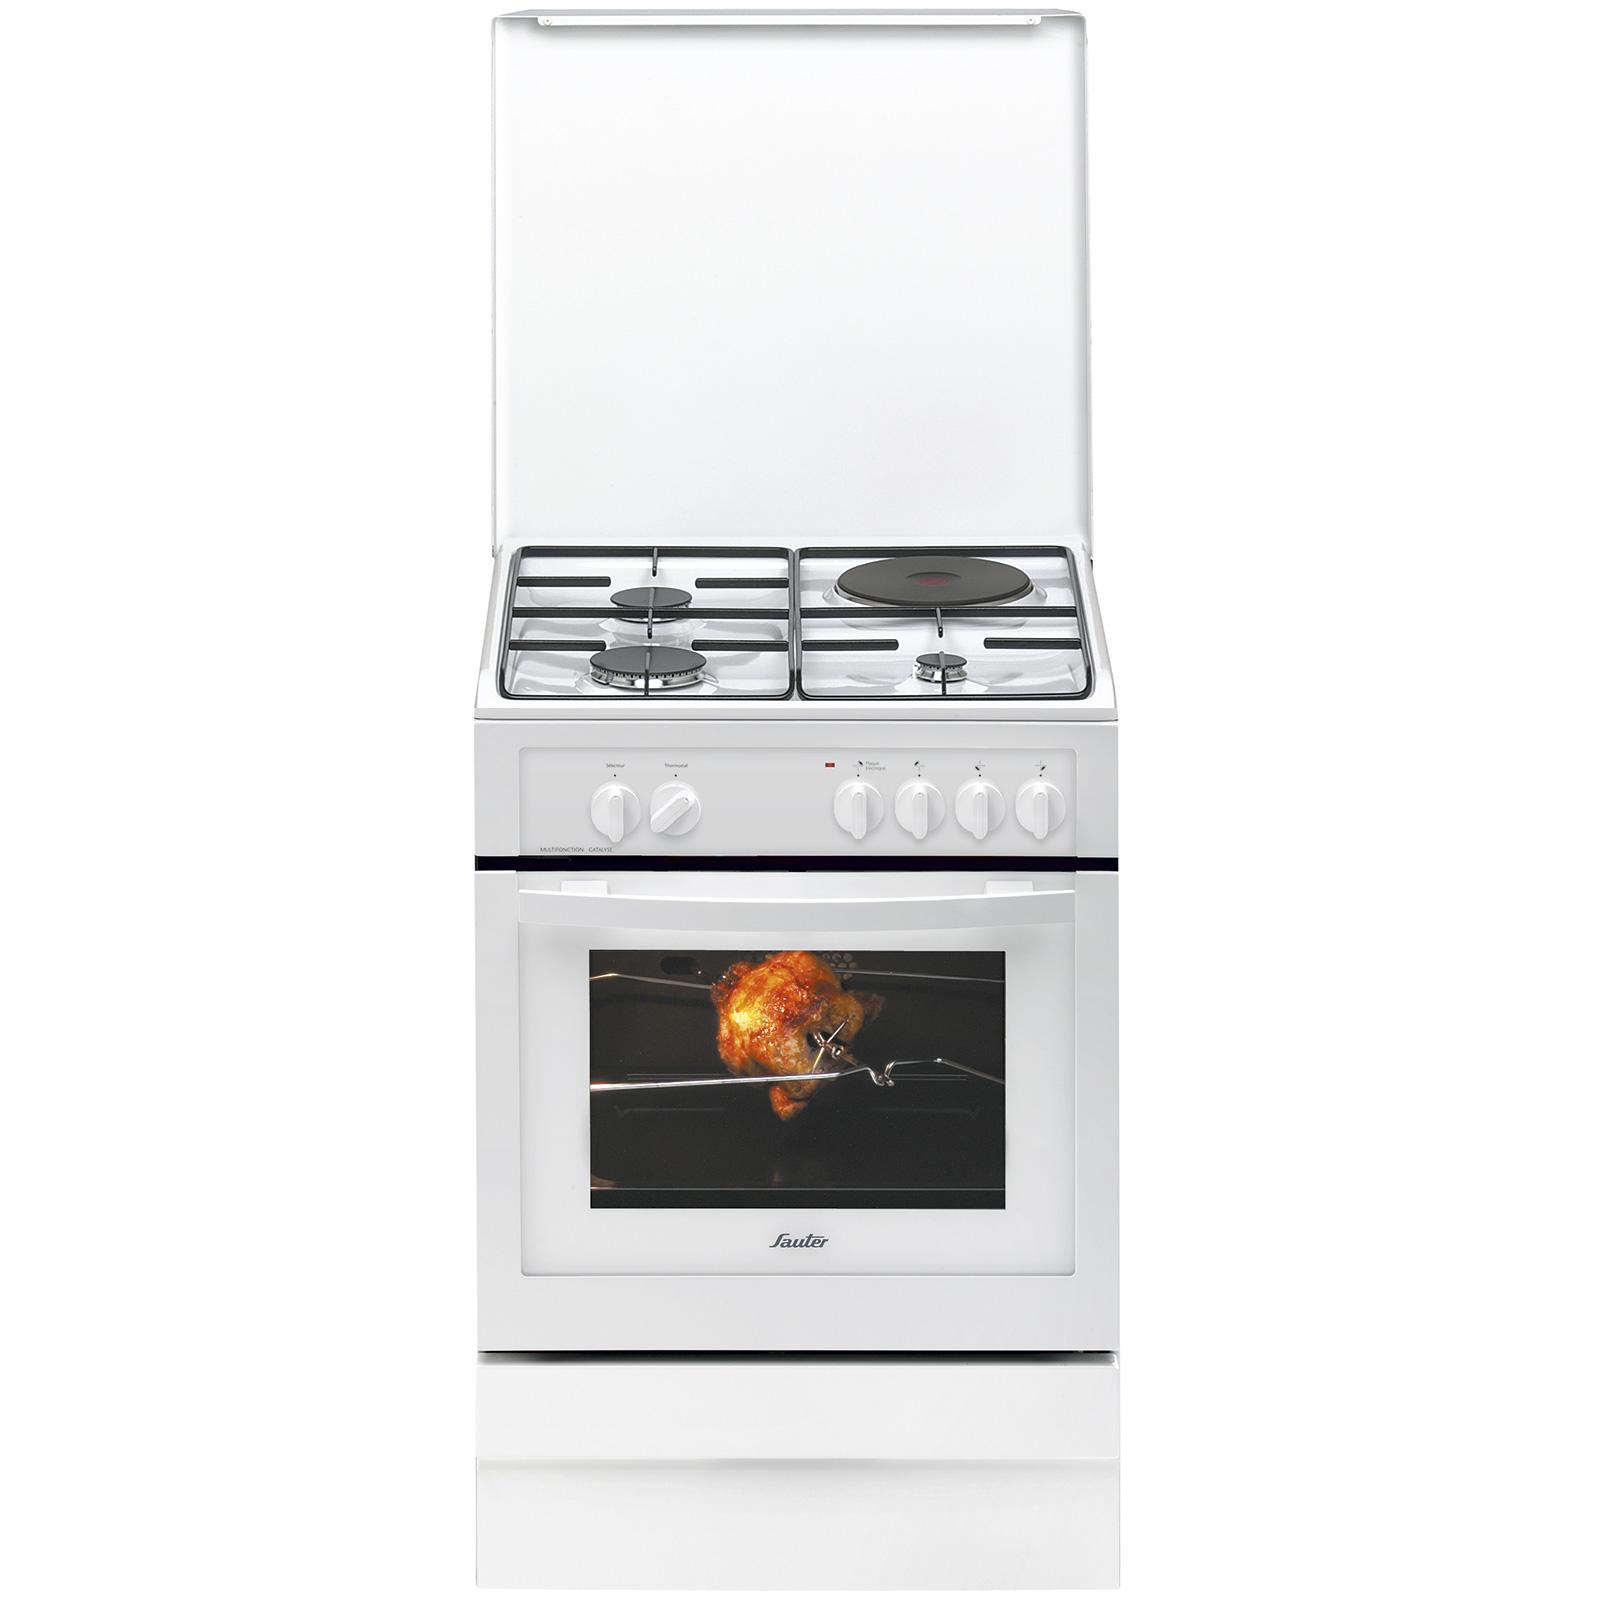 Comparatif Plaque Mixte Induction Gaz cuisinière mixte scm1010w - sauter électroménager